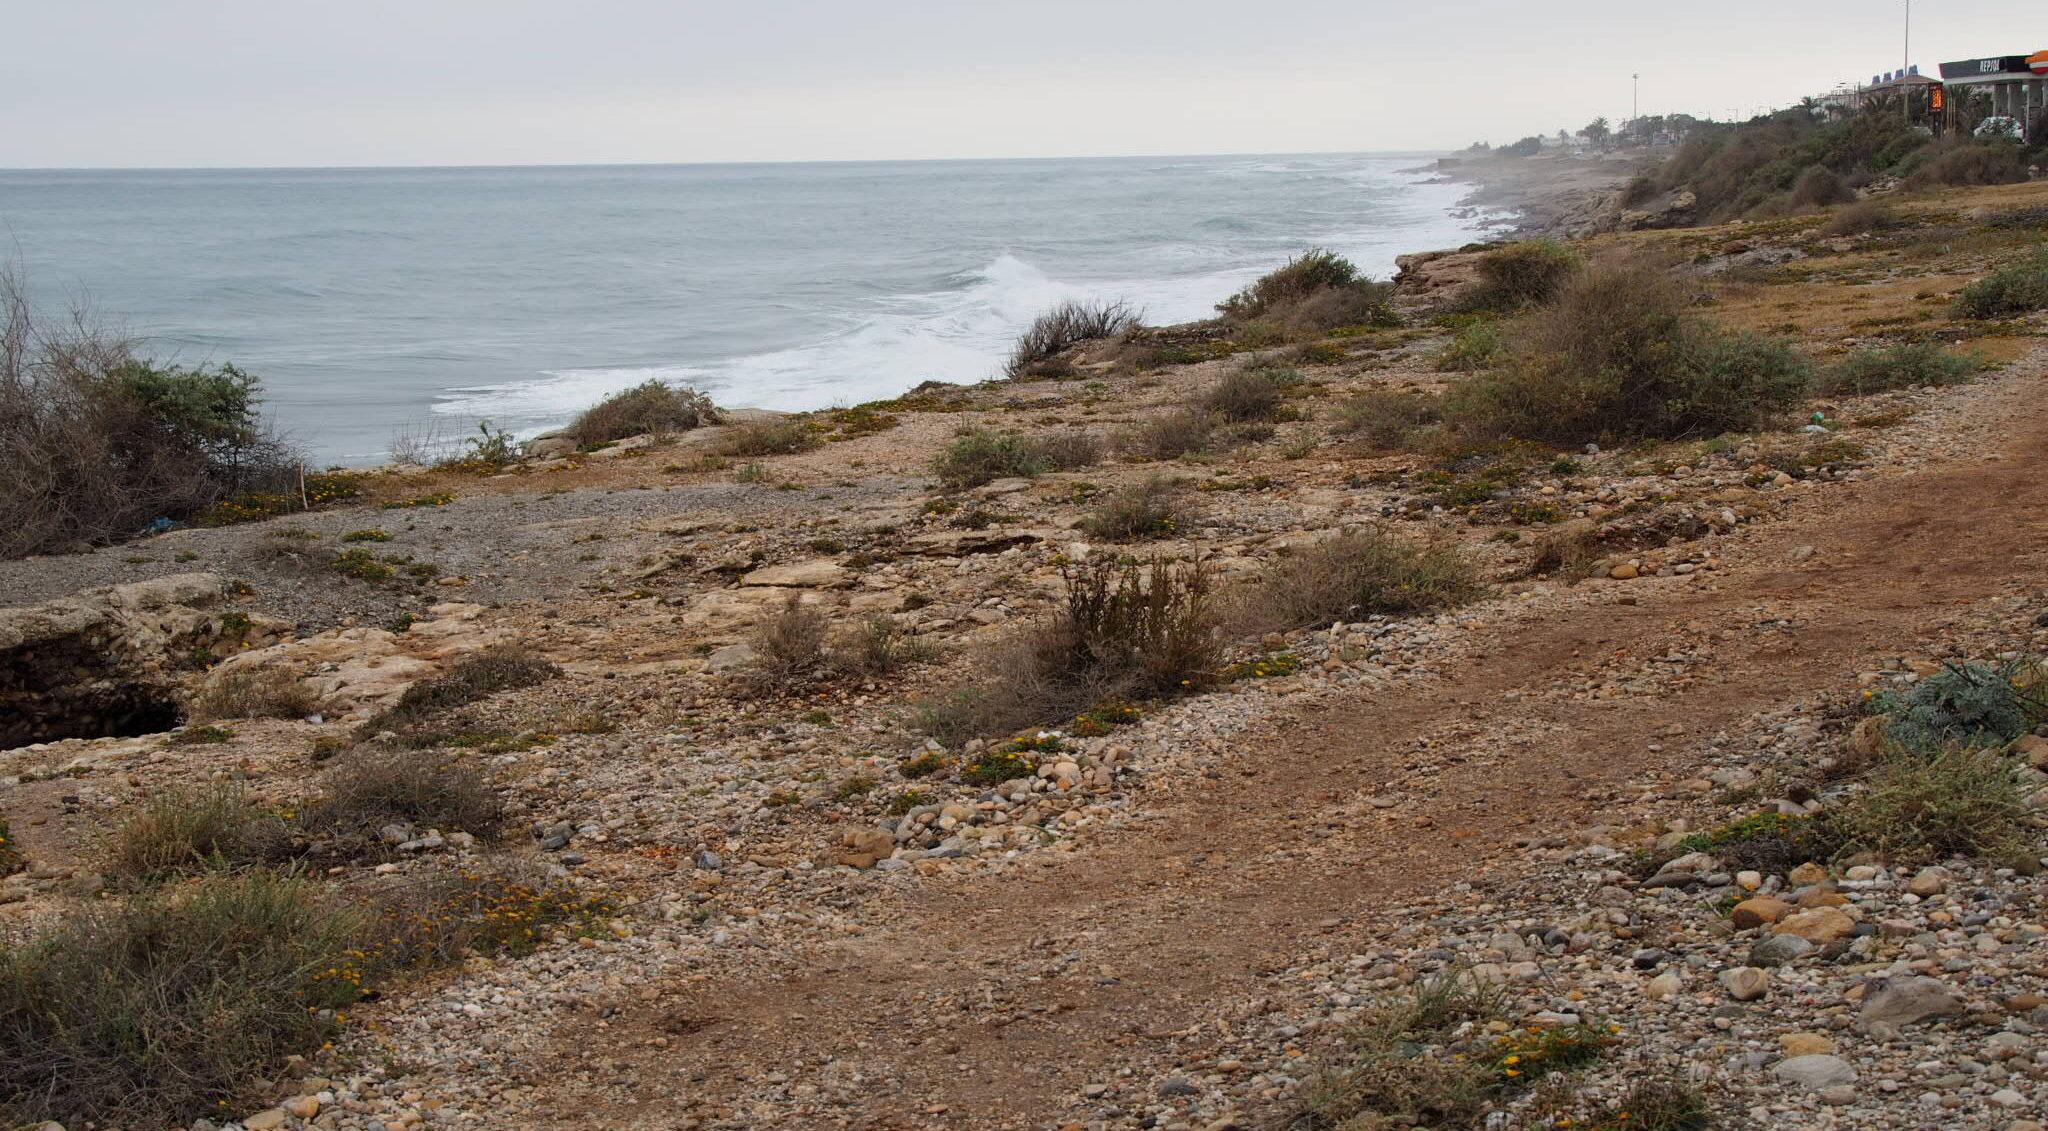 Mittelmeerwellen bei Garrucha/Analusien